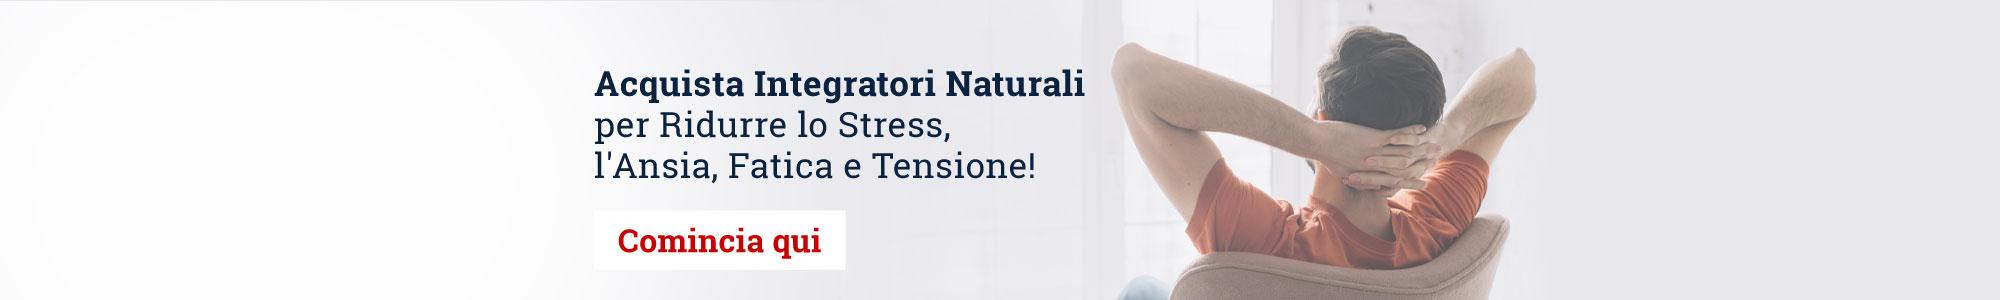 Acquista Integratori Naturali per Ridurre lo Stress, l'Ansia, Fatica e Tensione! Comincia qui